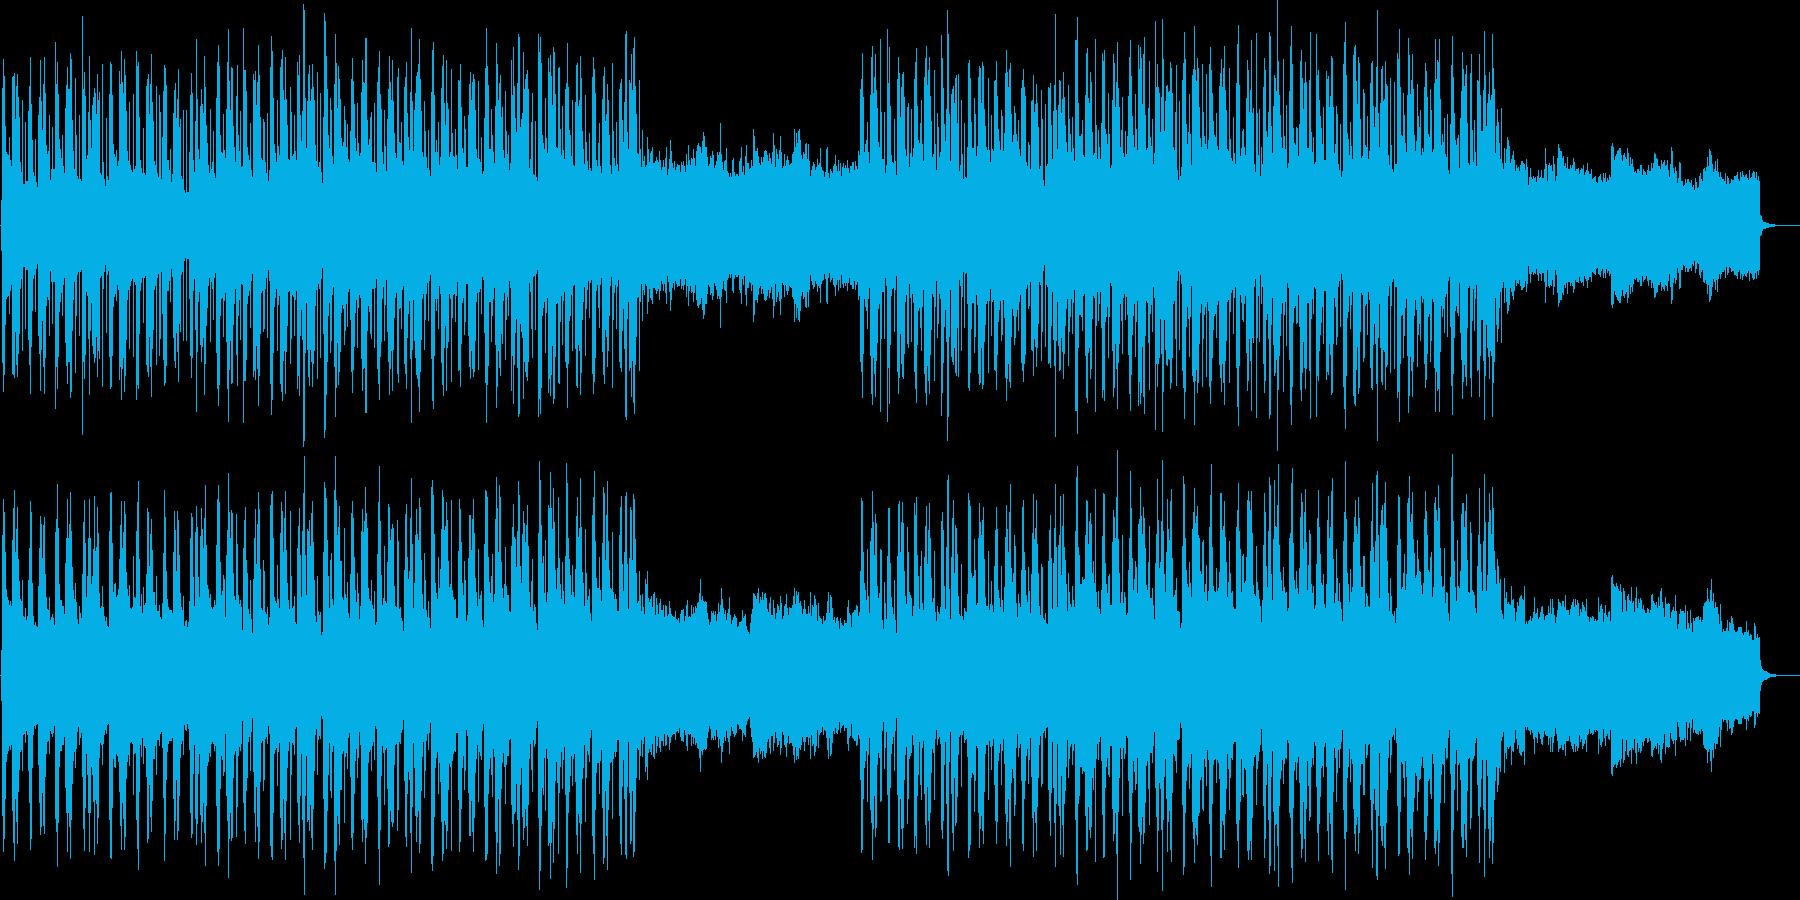 彷徨うようなギターとシンセによるトラックの再生済みの波形